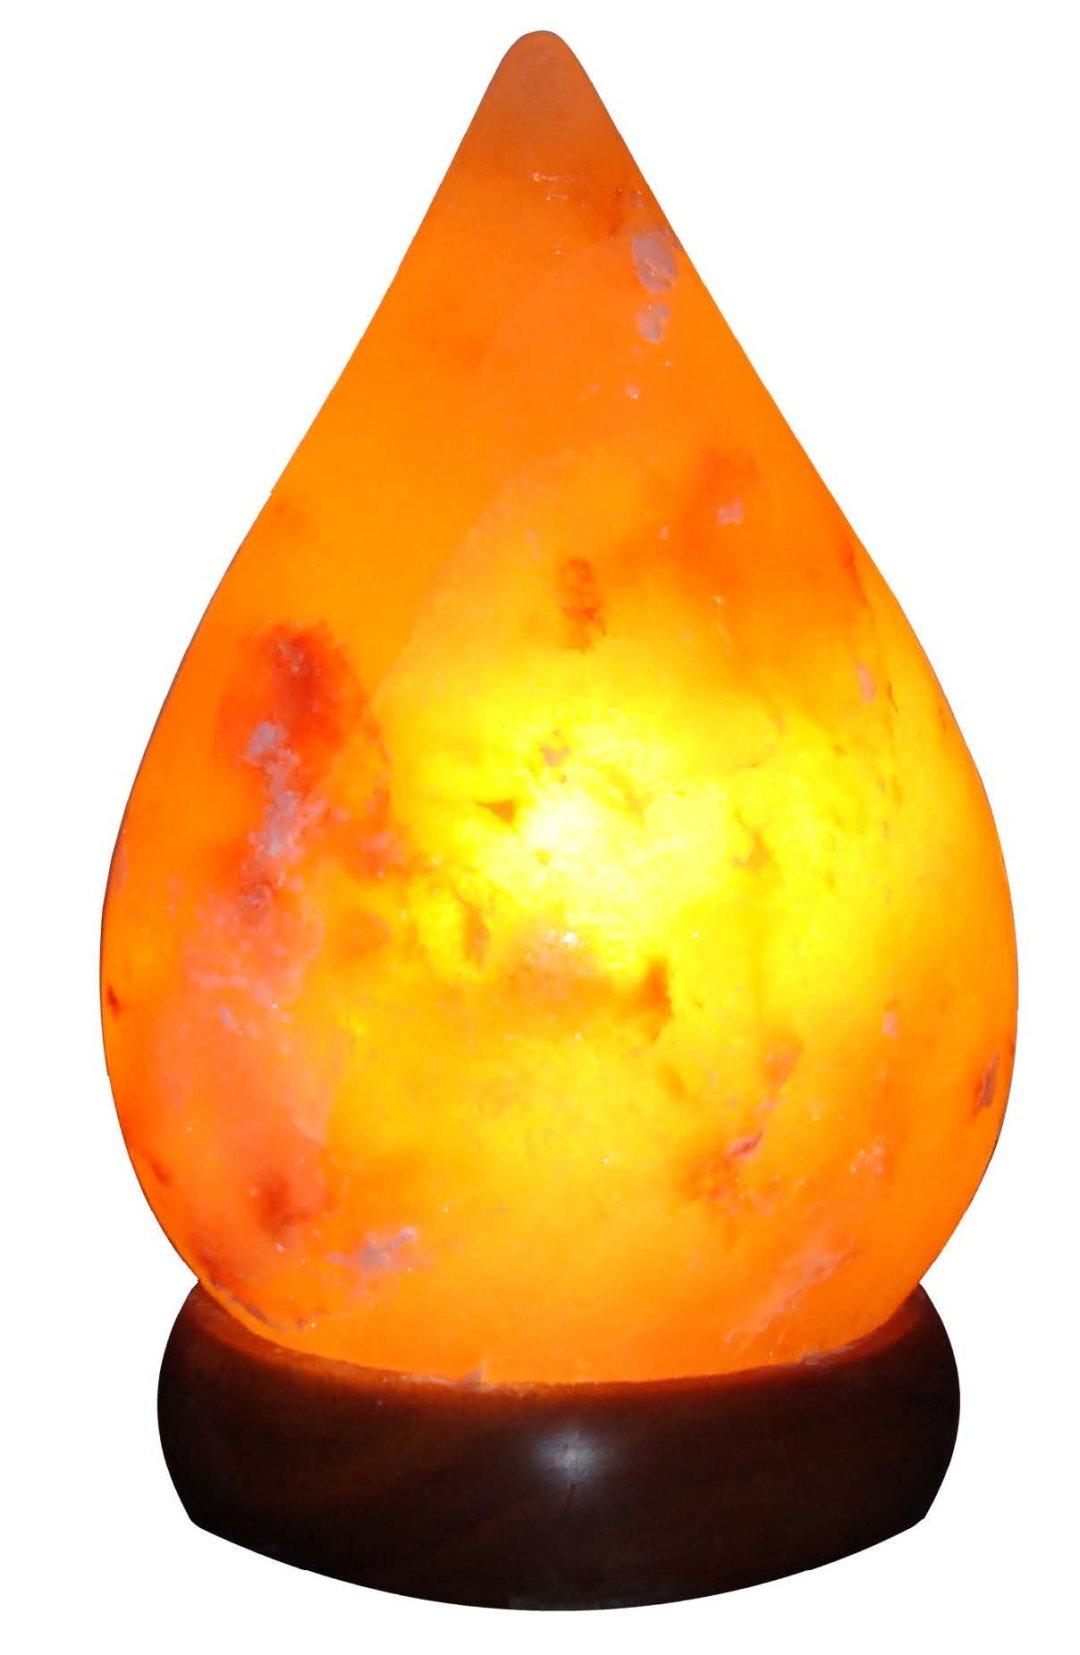 Tear Drop Salt Lamp Image